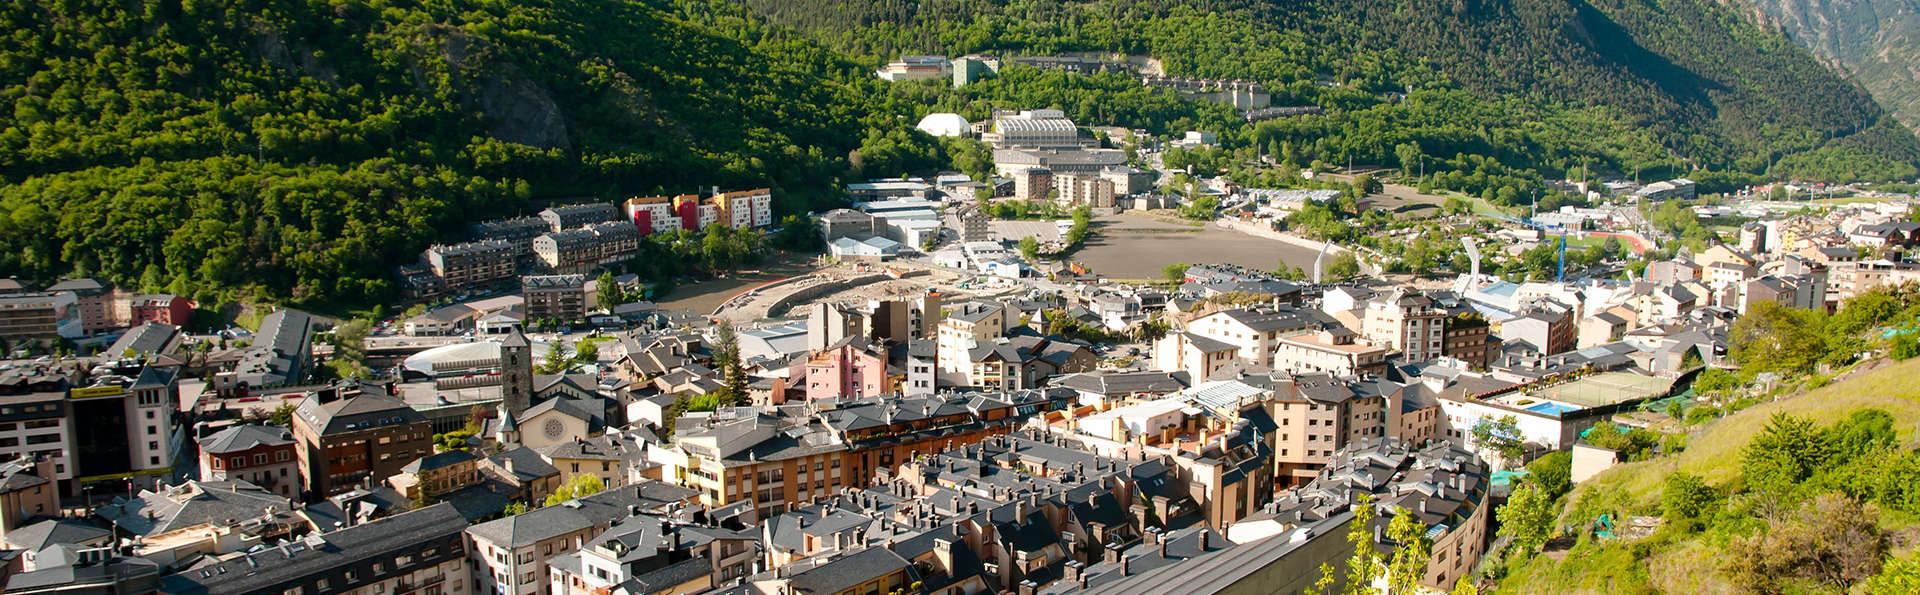 Andorra, el pais de los pirineos al mejor precio: desayuna y cena en pleno centro